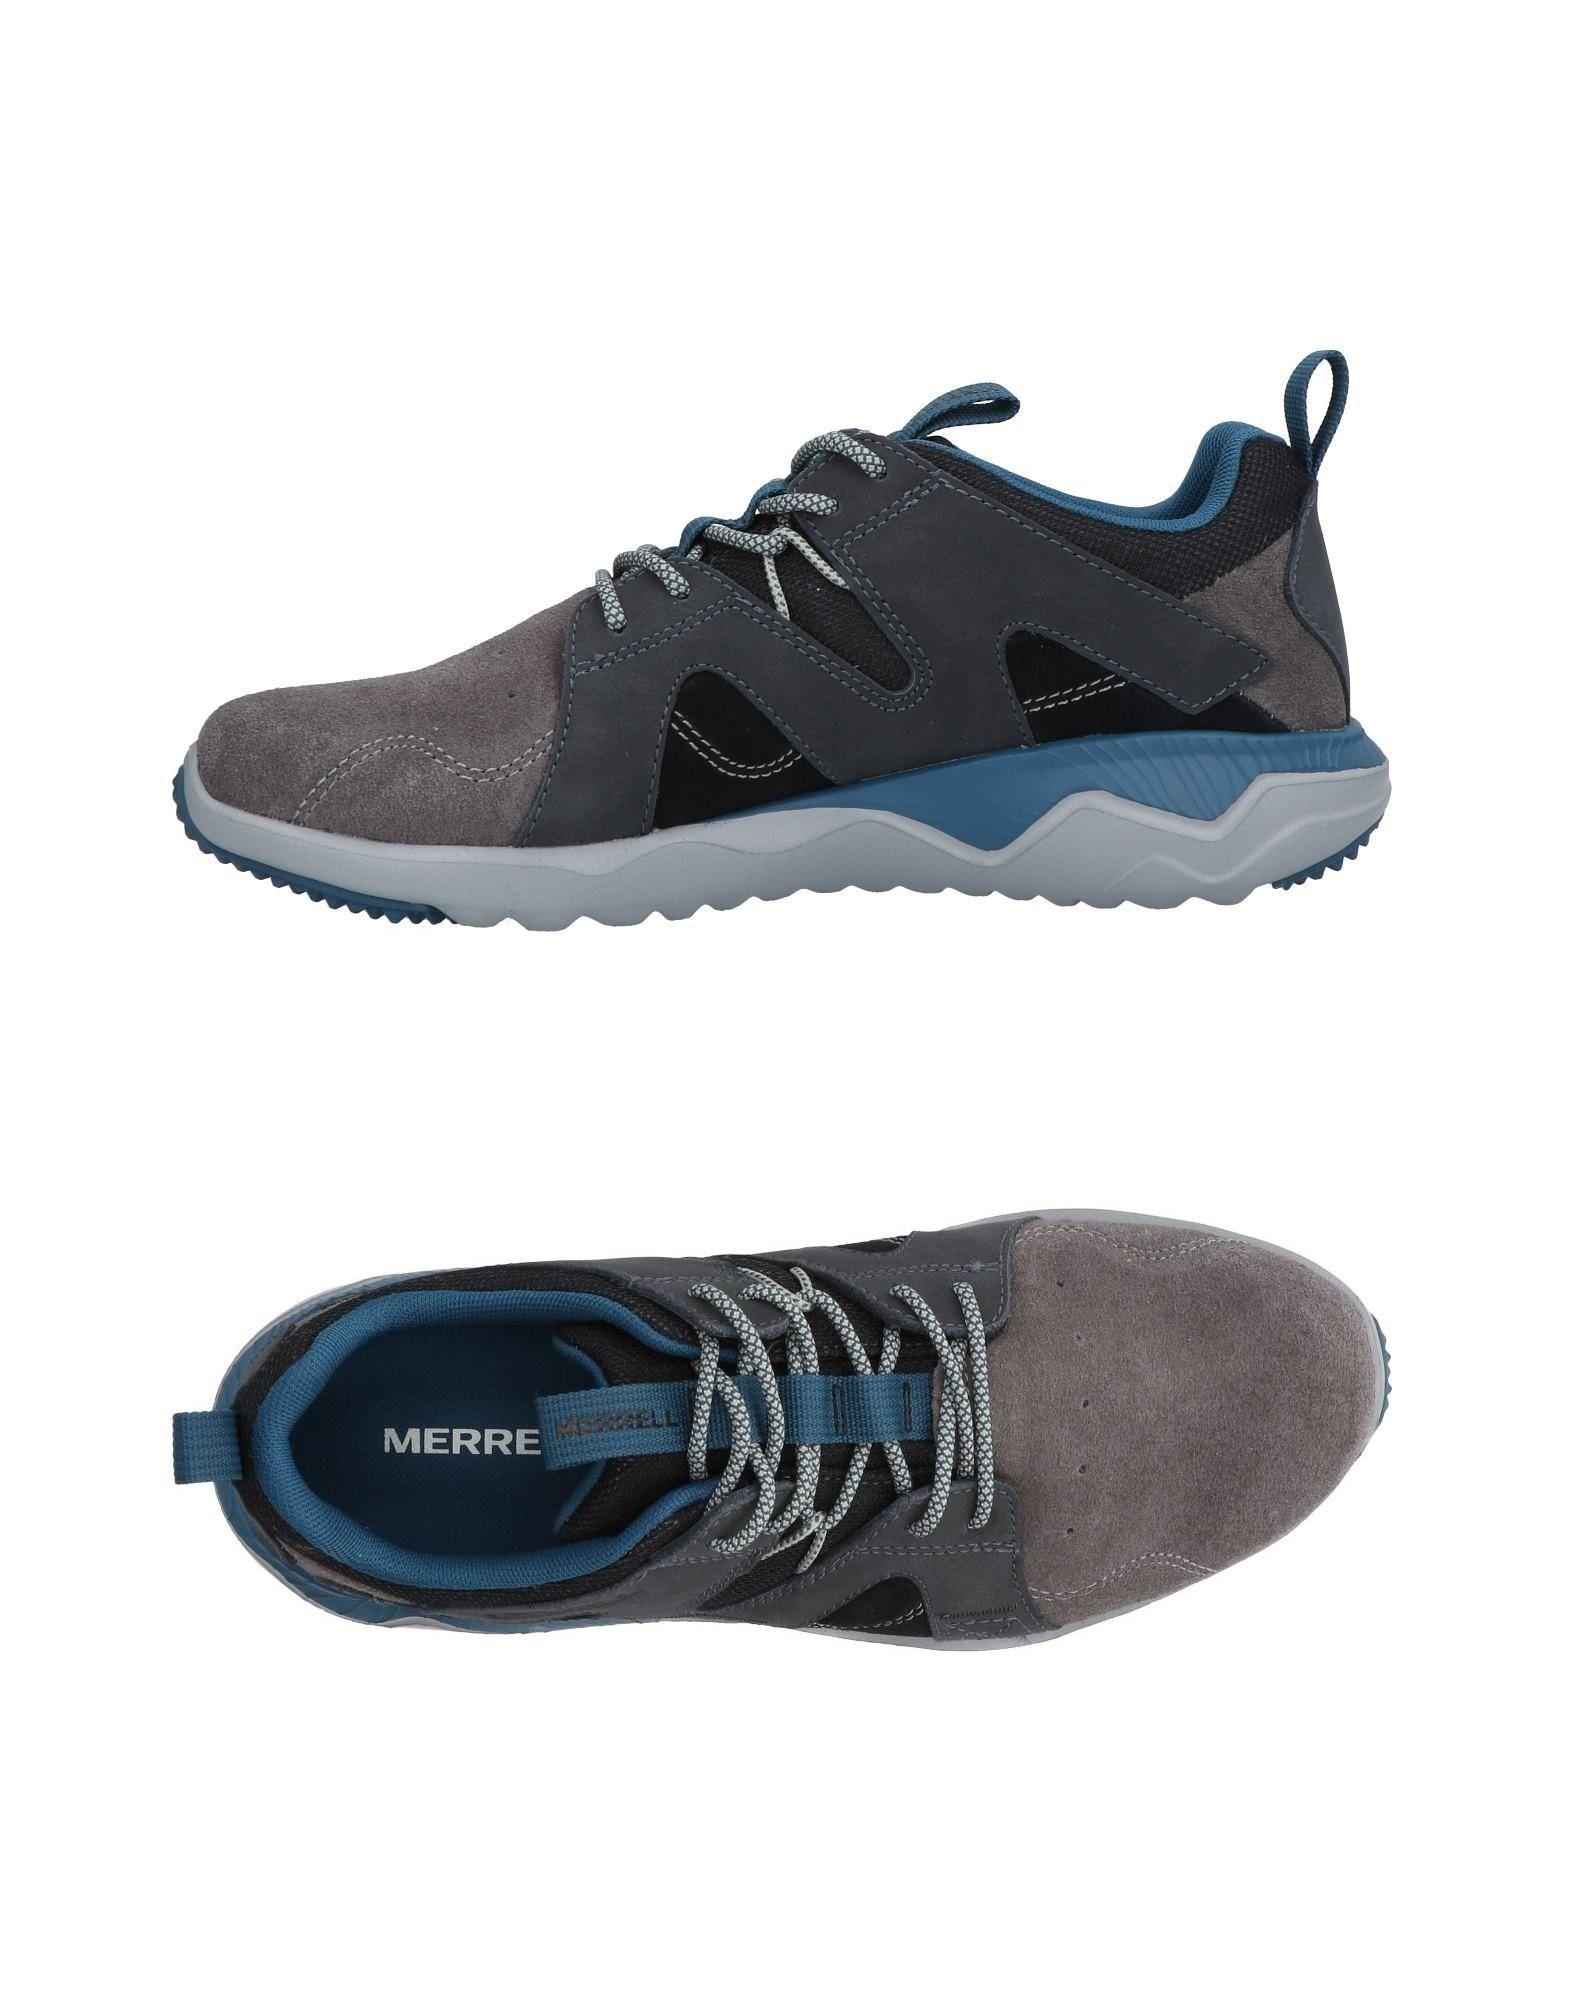 Rabatt echte Schuhe Merrell Sneakers Herren  11458998VG